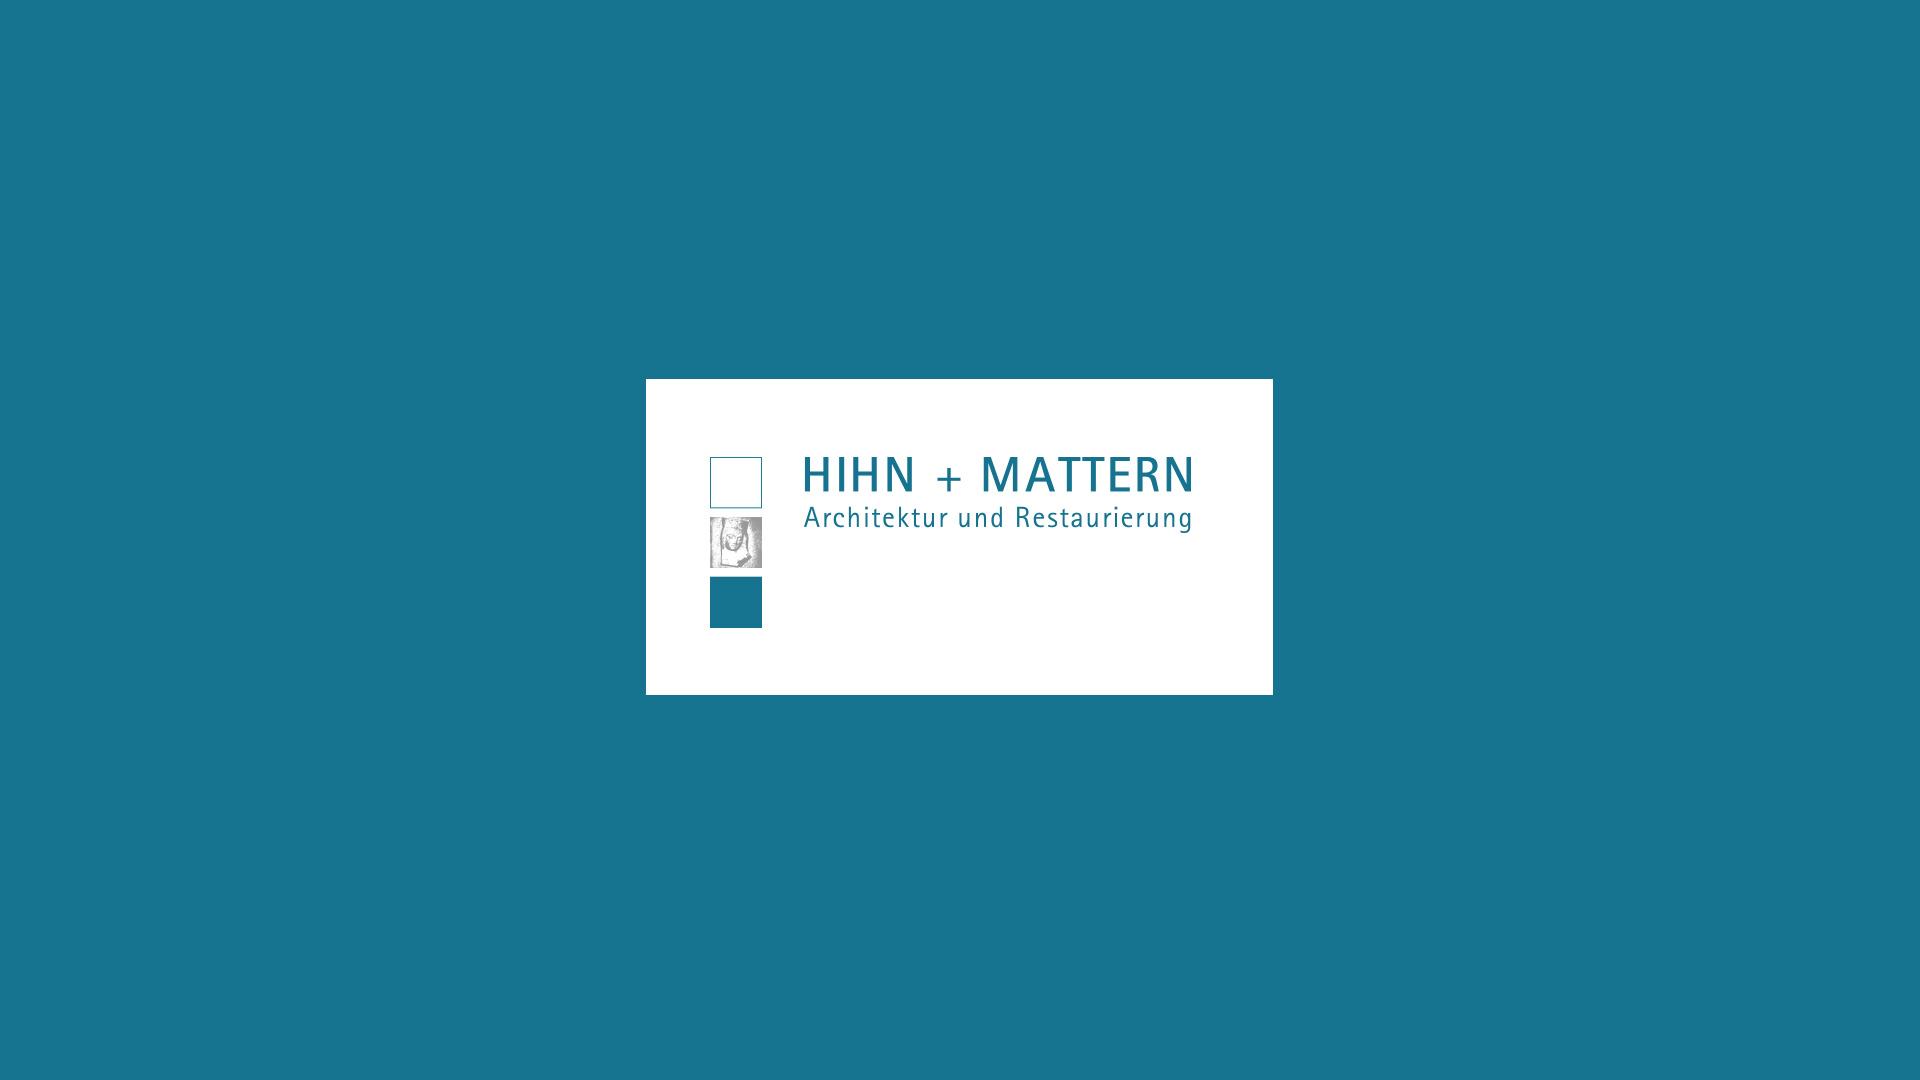 HIHN & MATTERN